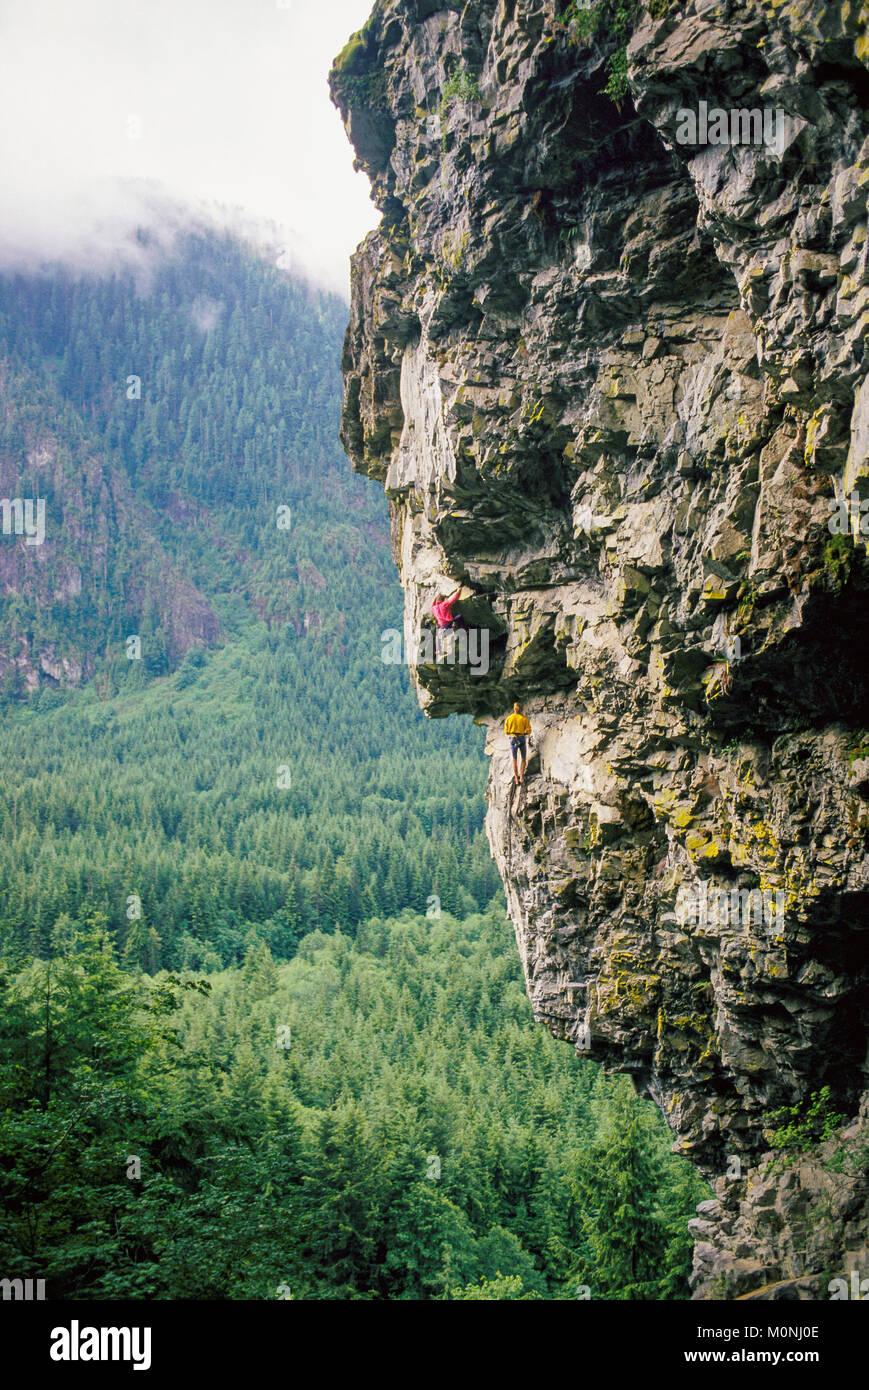 Dos hombres escalar un acantilado sobresaliente hasta el North Fork del Río Snoqualmie, Washington, EE.UU. Imagen De Stock